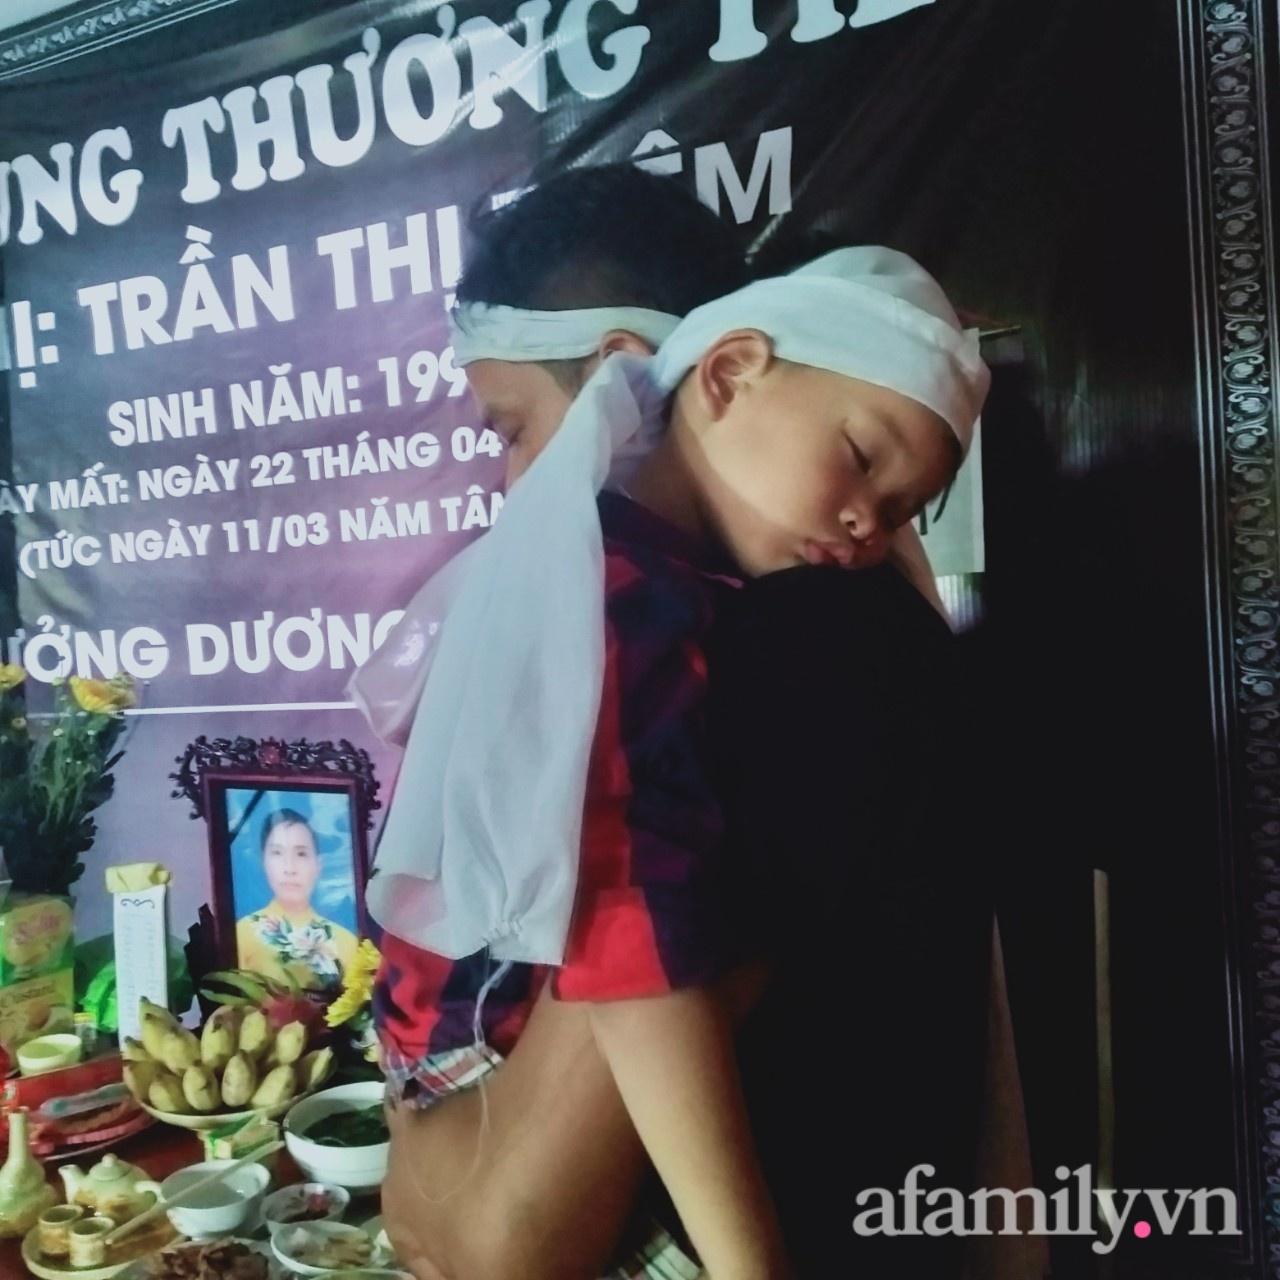 Vụ vợ chết, chồng bị thương vì bị xe tải tông khi đang dừng đèn đỏ: Tiếng khóc xé lòng đòi mẹ của 4 đứa trẻ thơ - Ảnh 5.